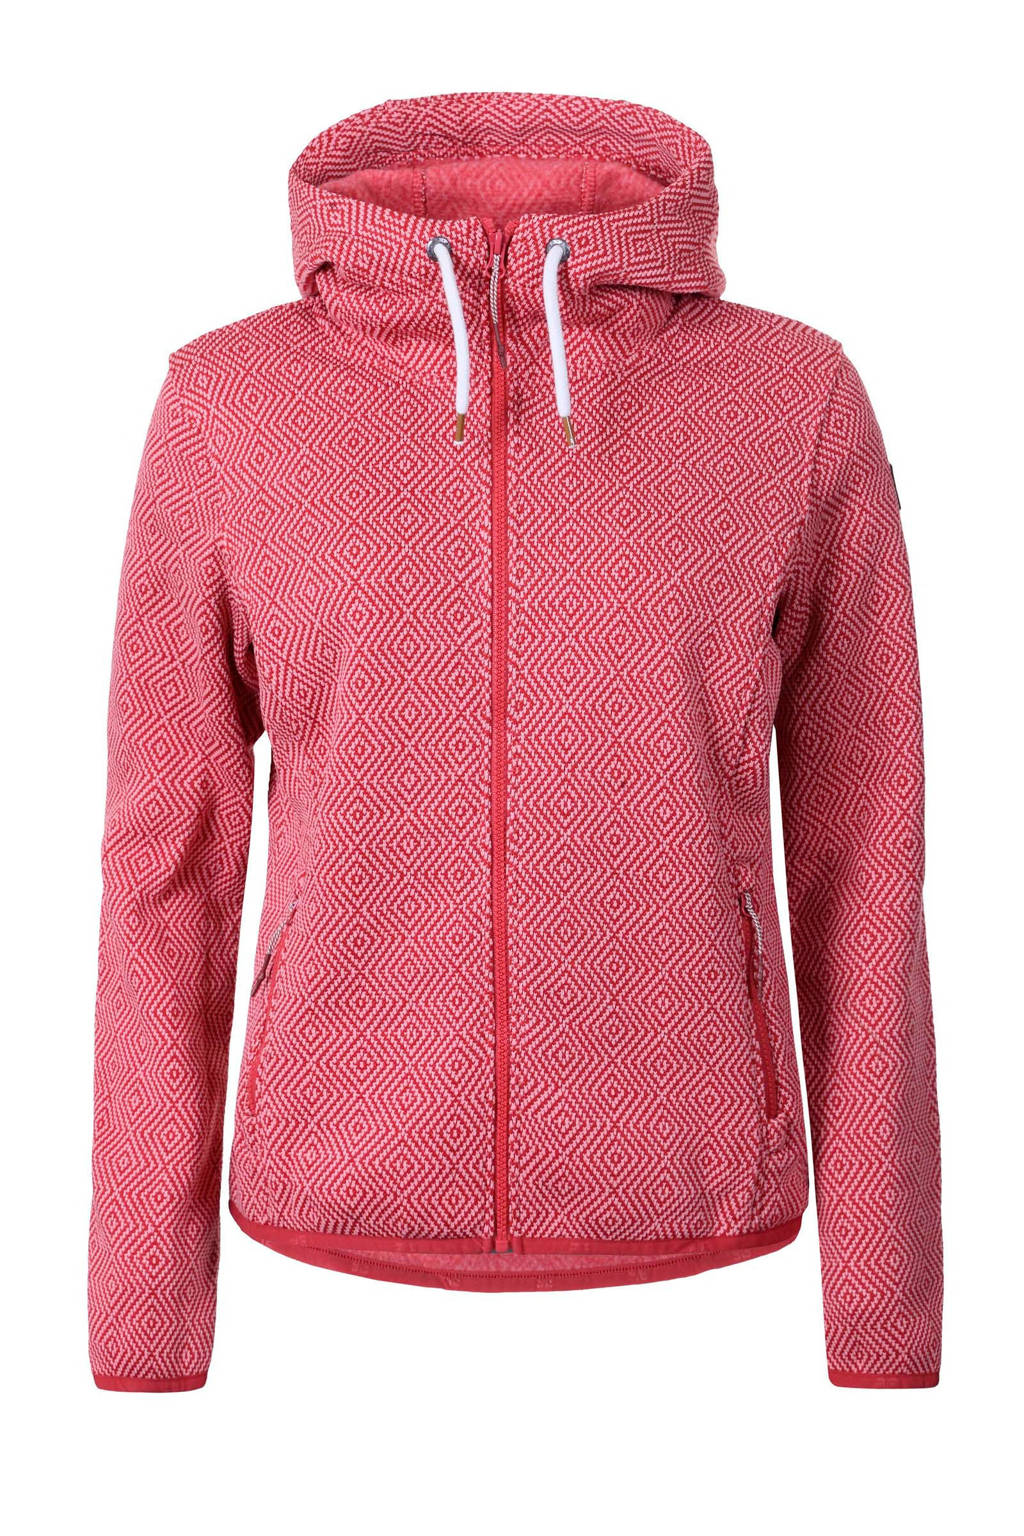 Icepeak outdoor fleecevest Lotte rood/wit, Rood/wit